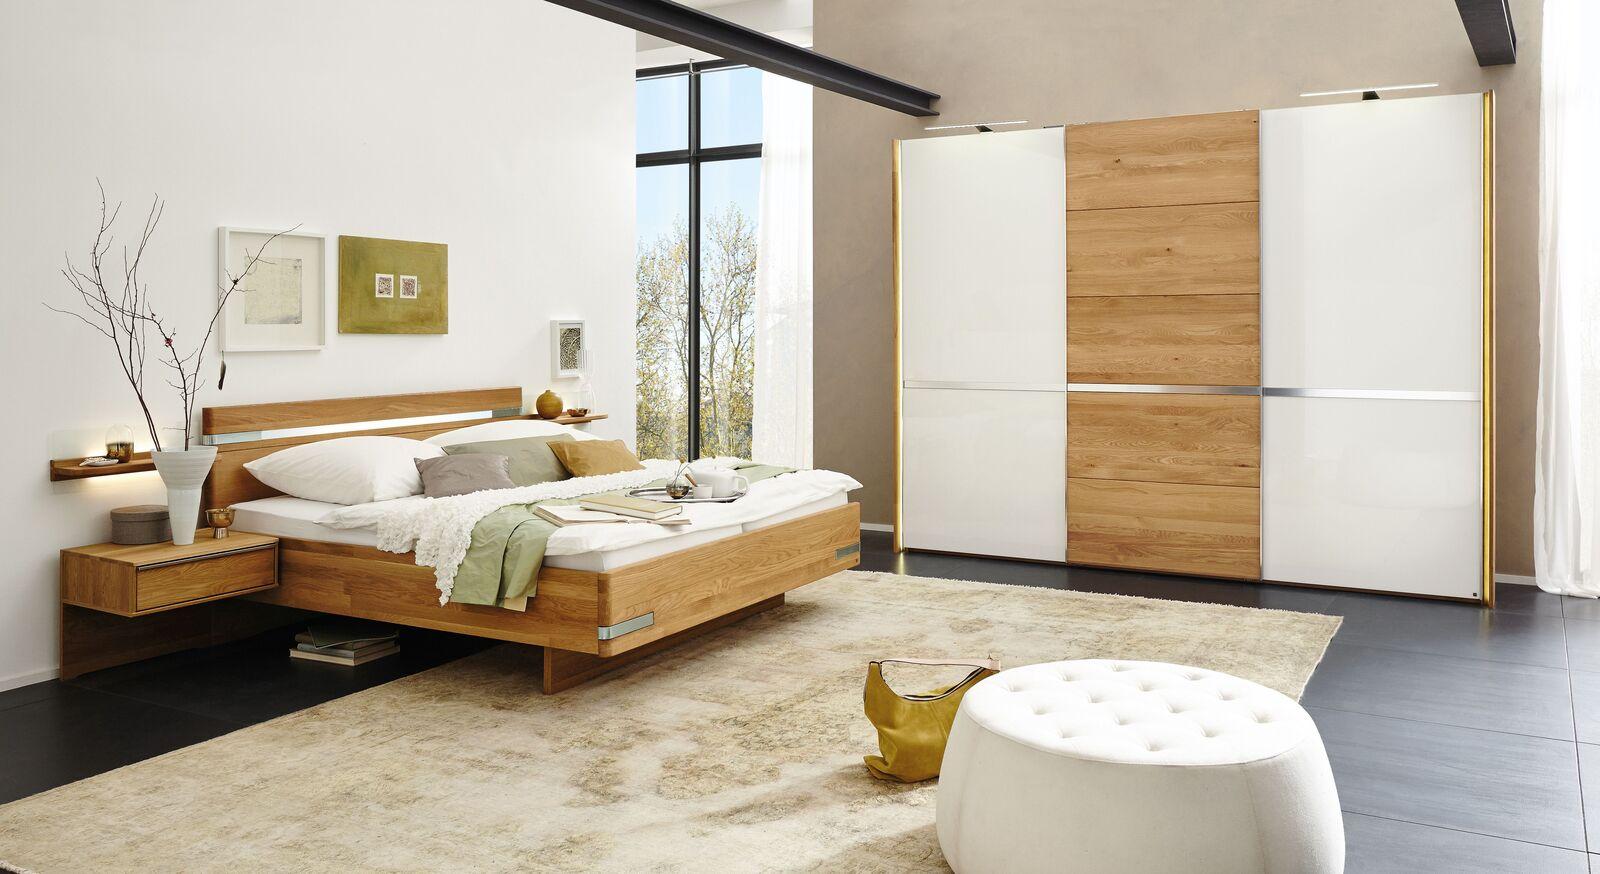 MUSTERRING Schlafzimmer Savona mit Schwebetürenschrank in Luxus-Qualität